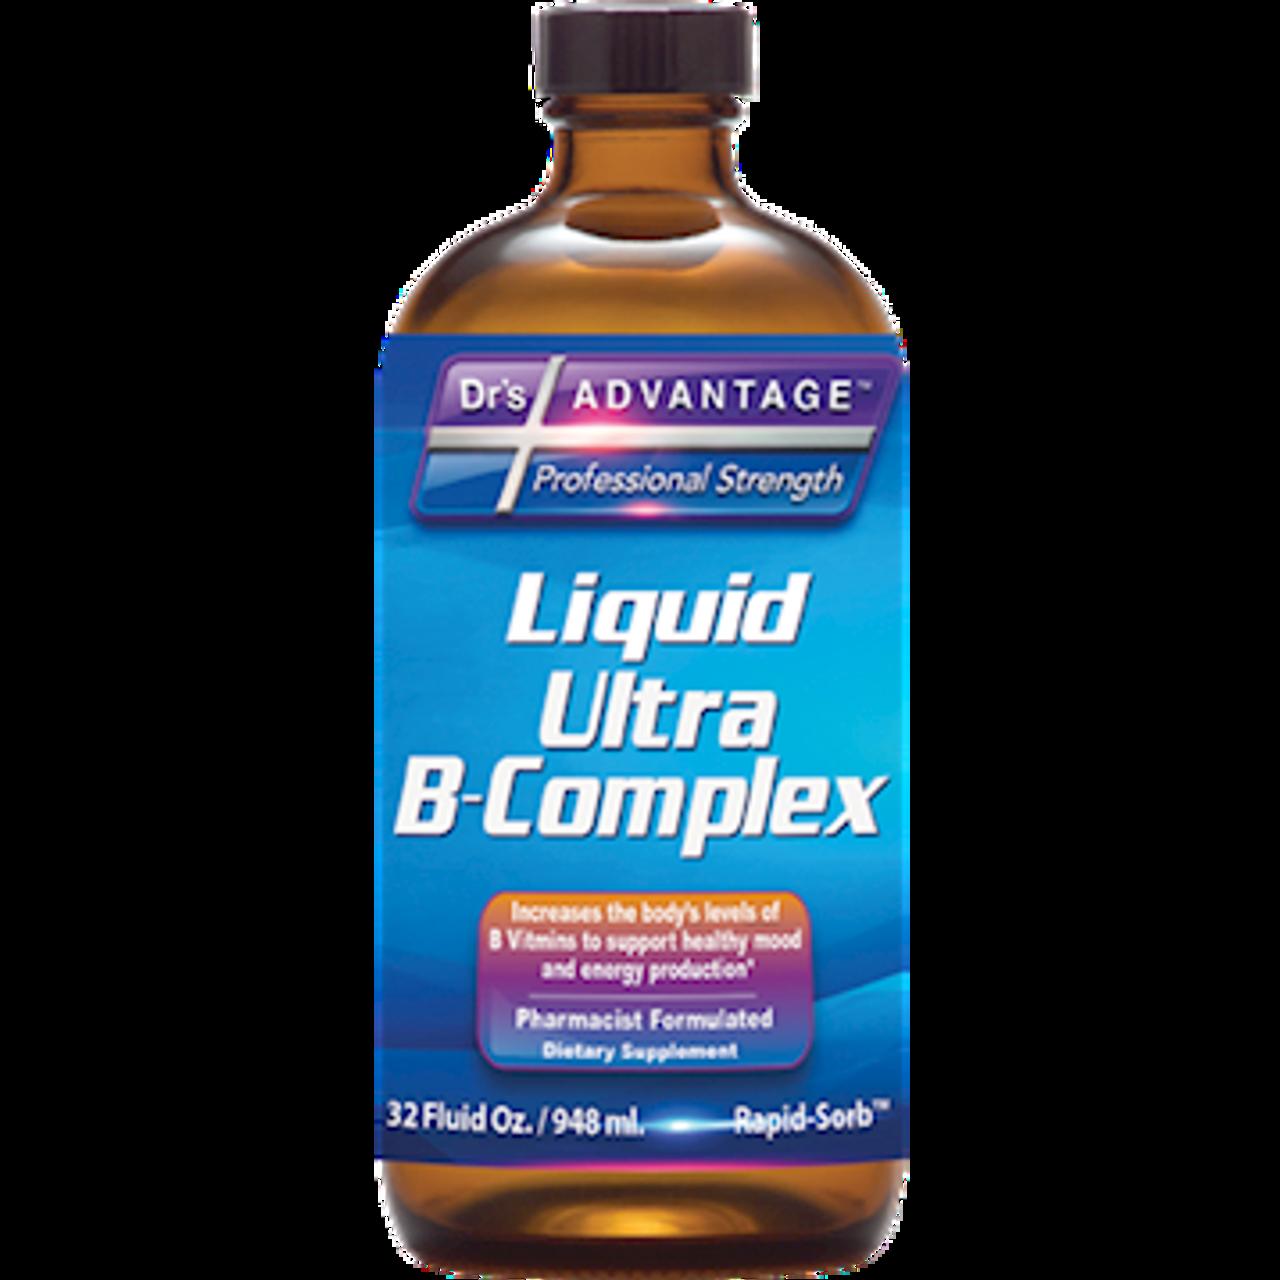 Dr's Advantage Liquid Ultra B-Complex 32 oz